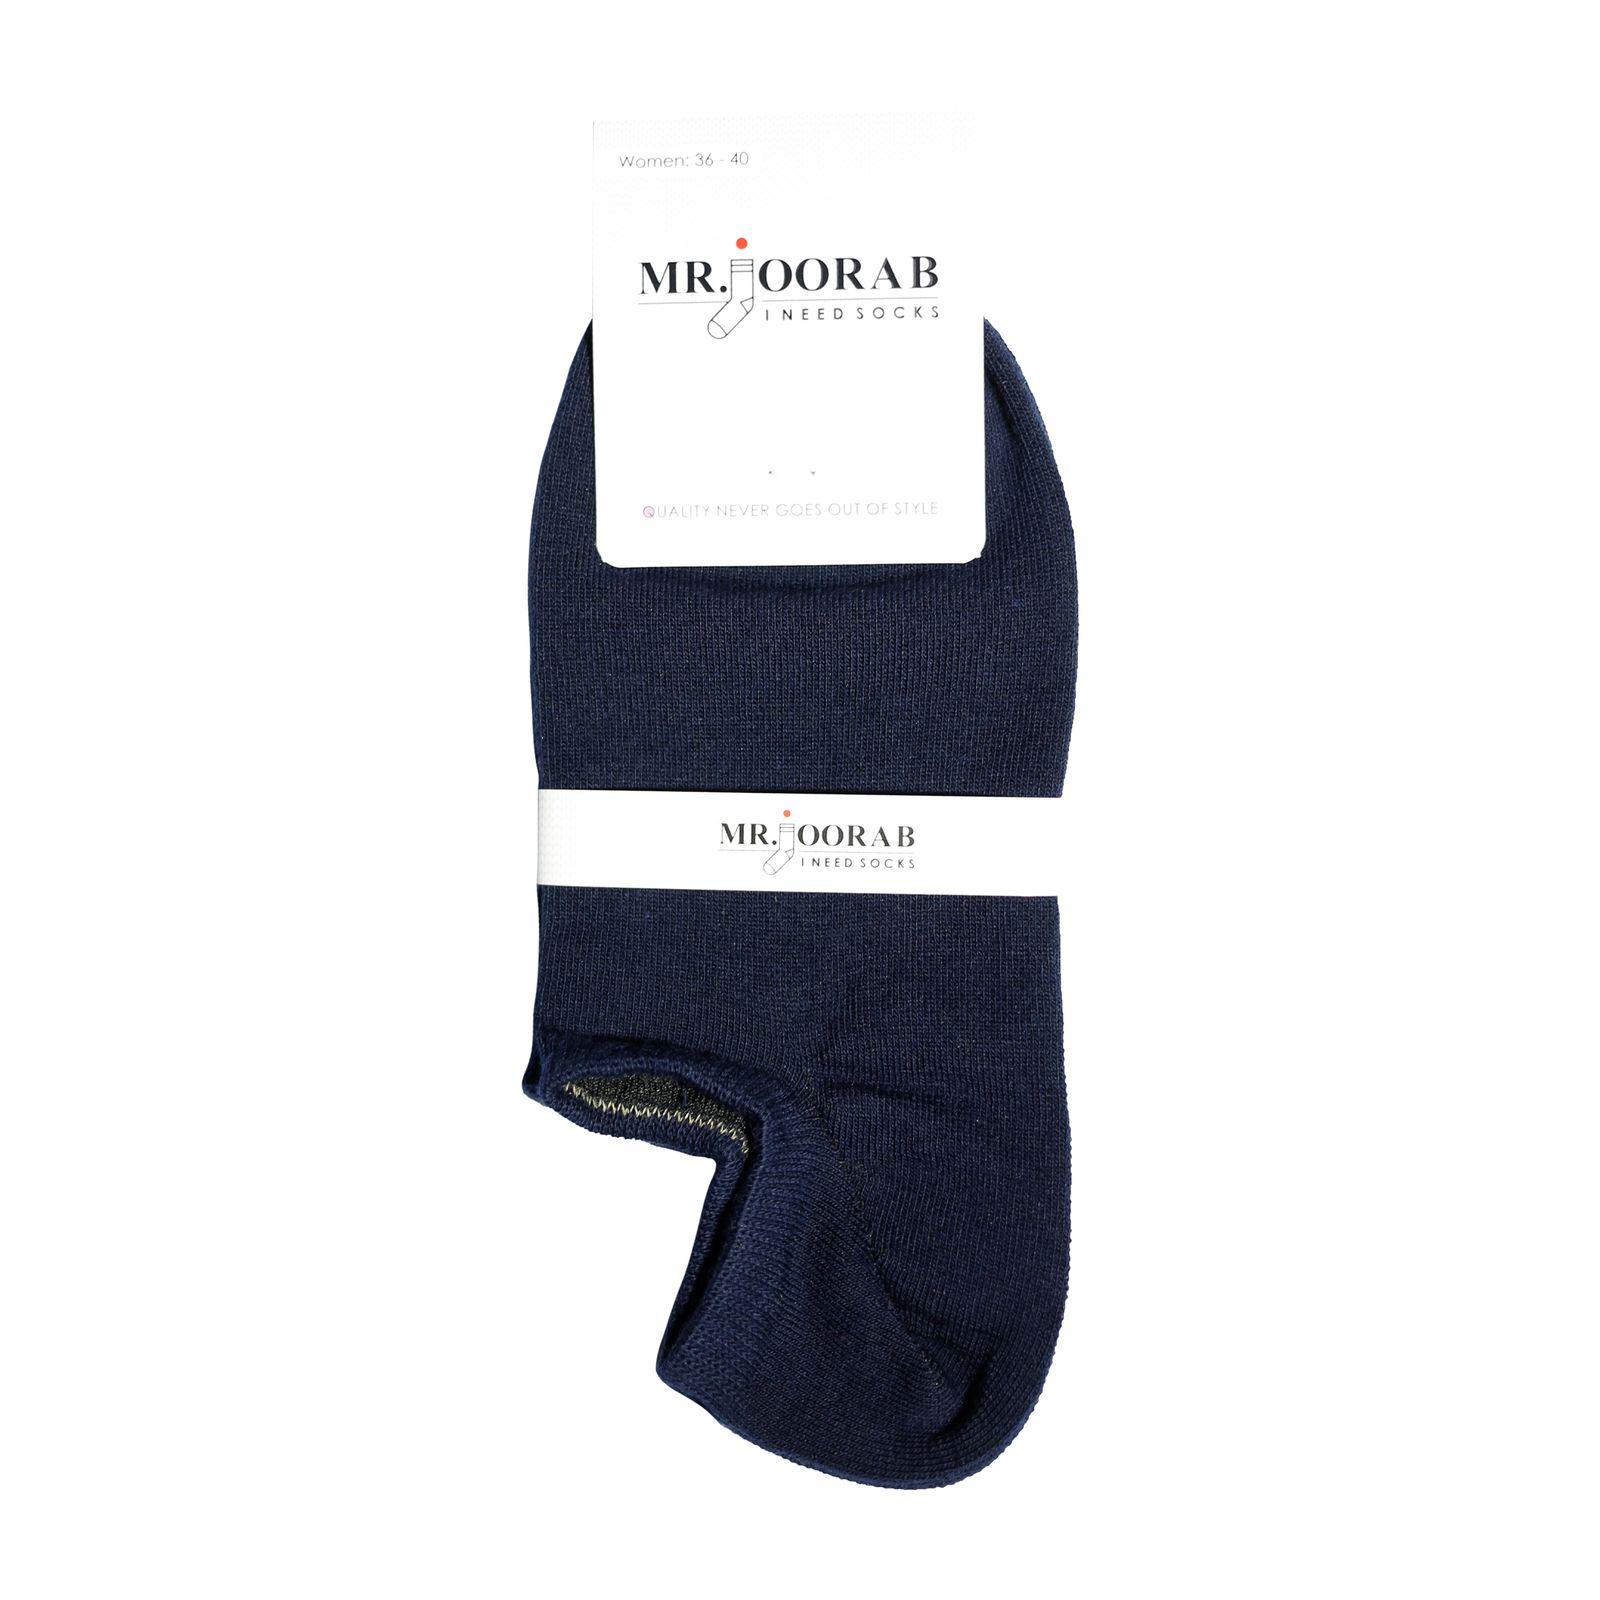 جوراب زنانه مستر جوراب کد BL-MRM 213 بسته 4 عددی -  - 3